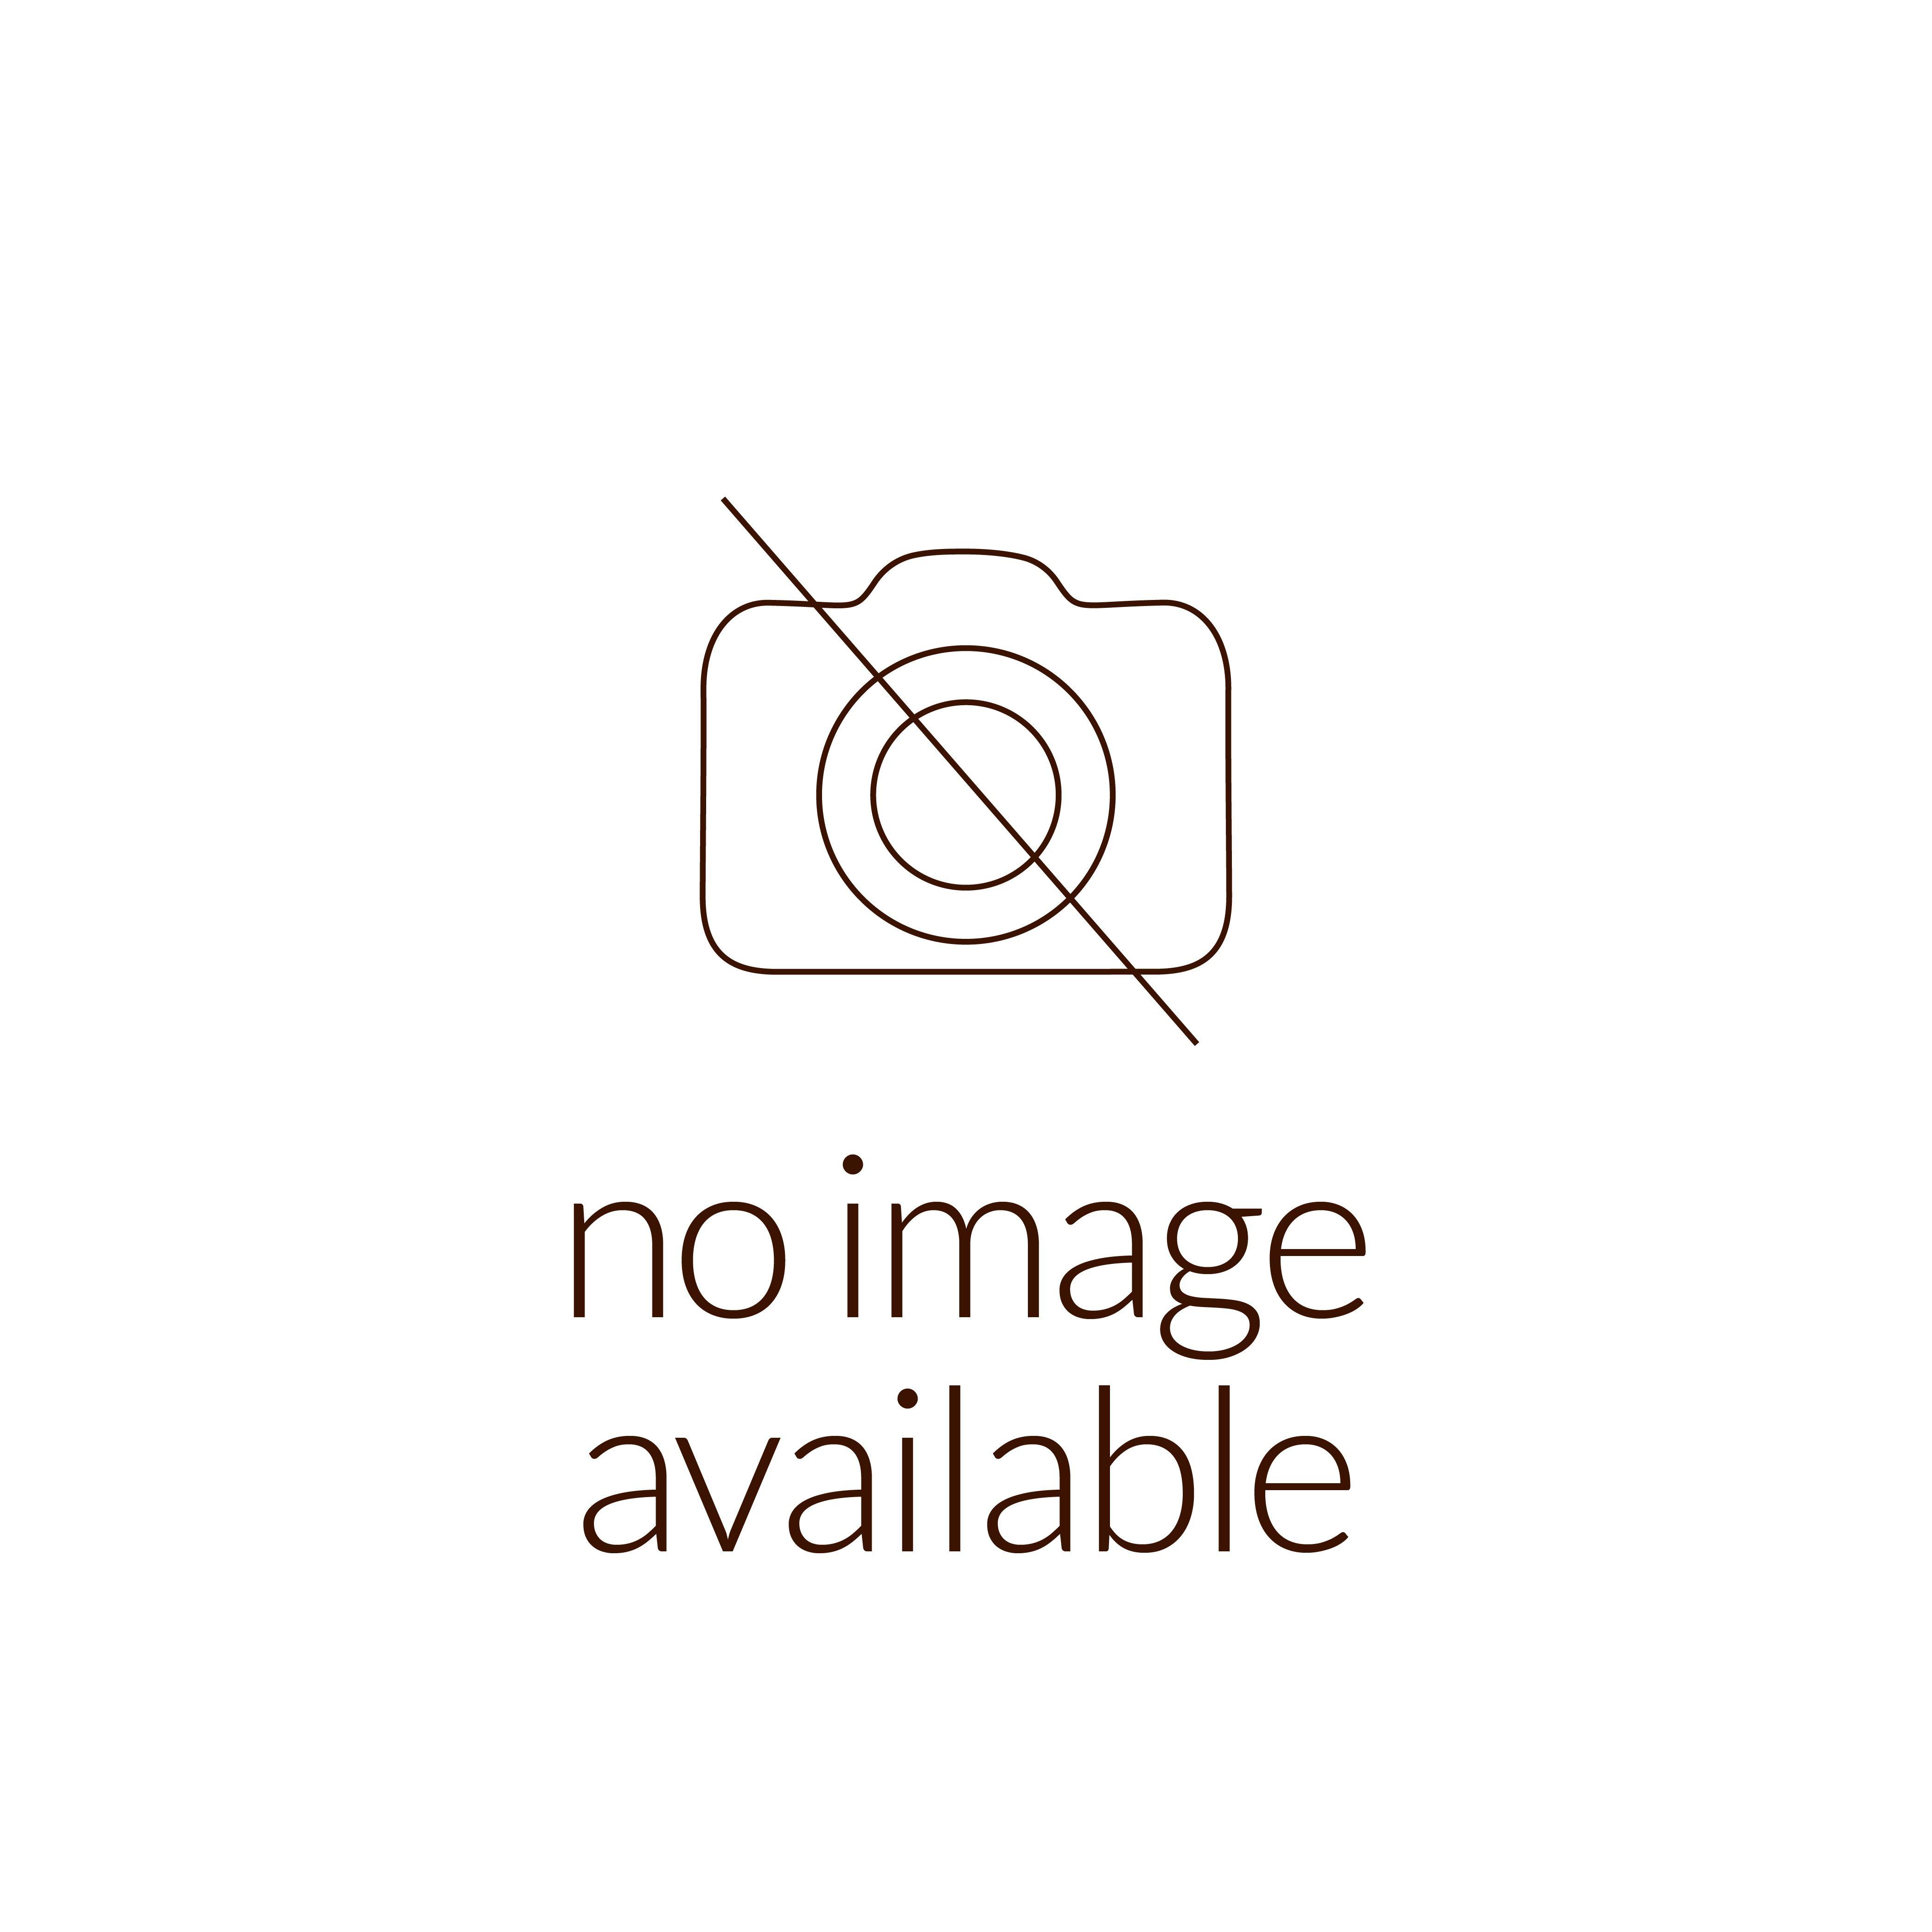 """מדליה ממלכתית, רבי לוי יצחק מברדיטשב, כסף 999, 39 מ""""מ, 17 גרם - צד הנושא"""